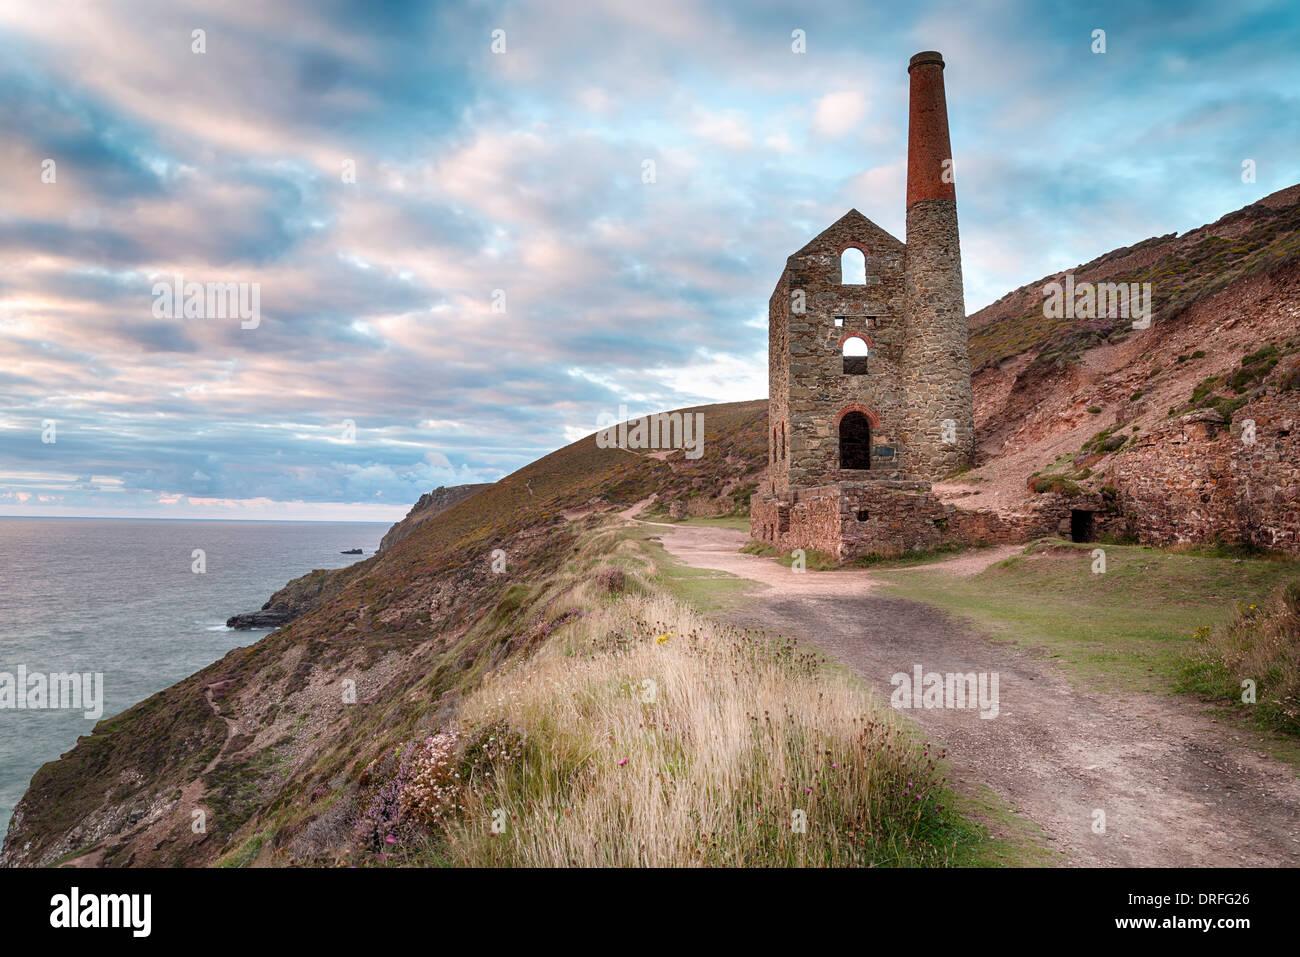 Ruinas de la mina de estaño en la pápula igual Coates, en la costa de Santa Inés en el norte de la costa de Cornwall. Foto de stock